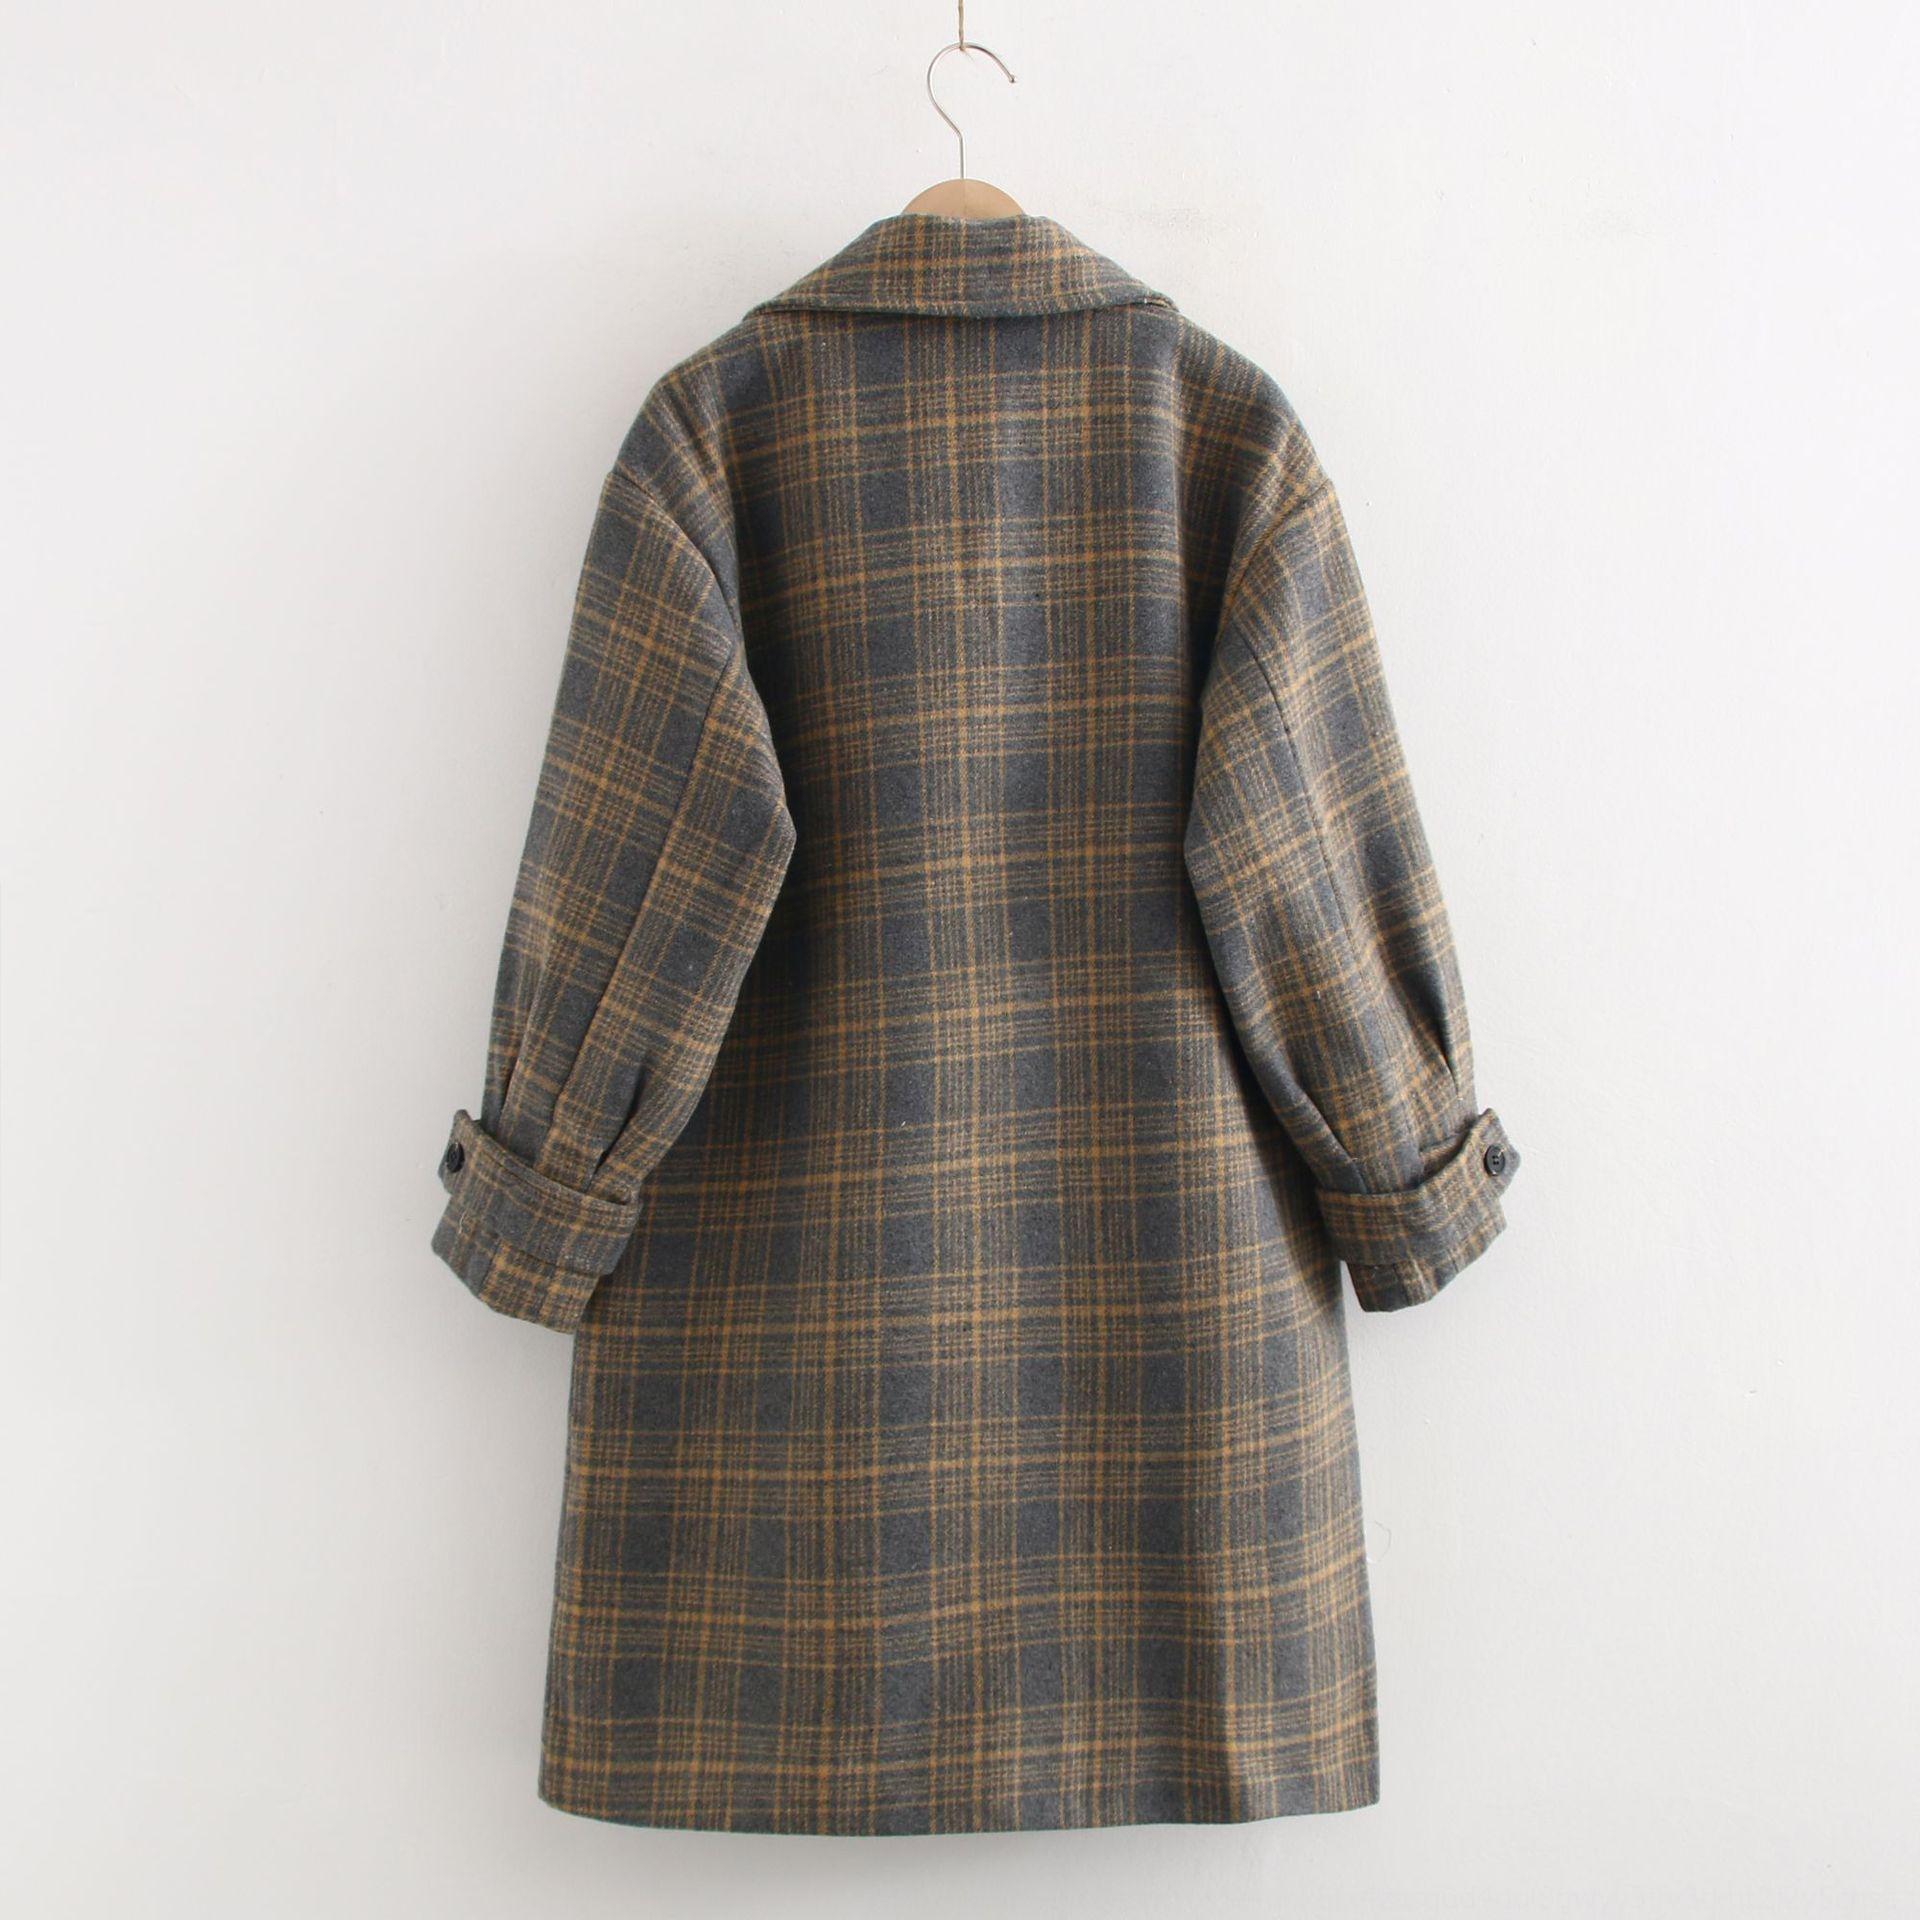 BLf9r X0014 coreano 2019 vestiti a due tasca l'autunno e l'inverno Cappotto lana della Nuova grande risvolto doppio petto cappotto di lana delle donne plaid